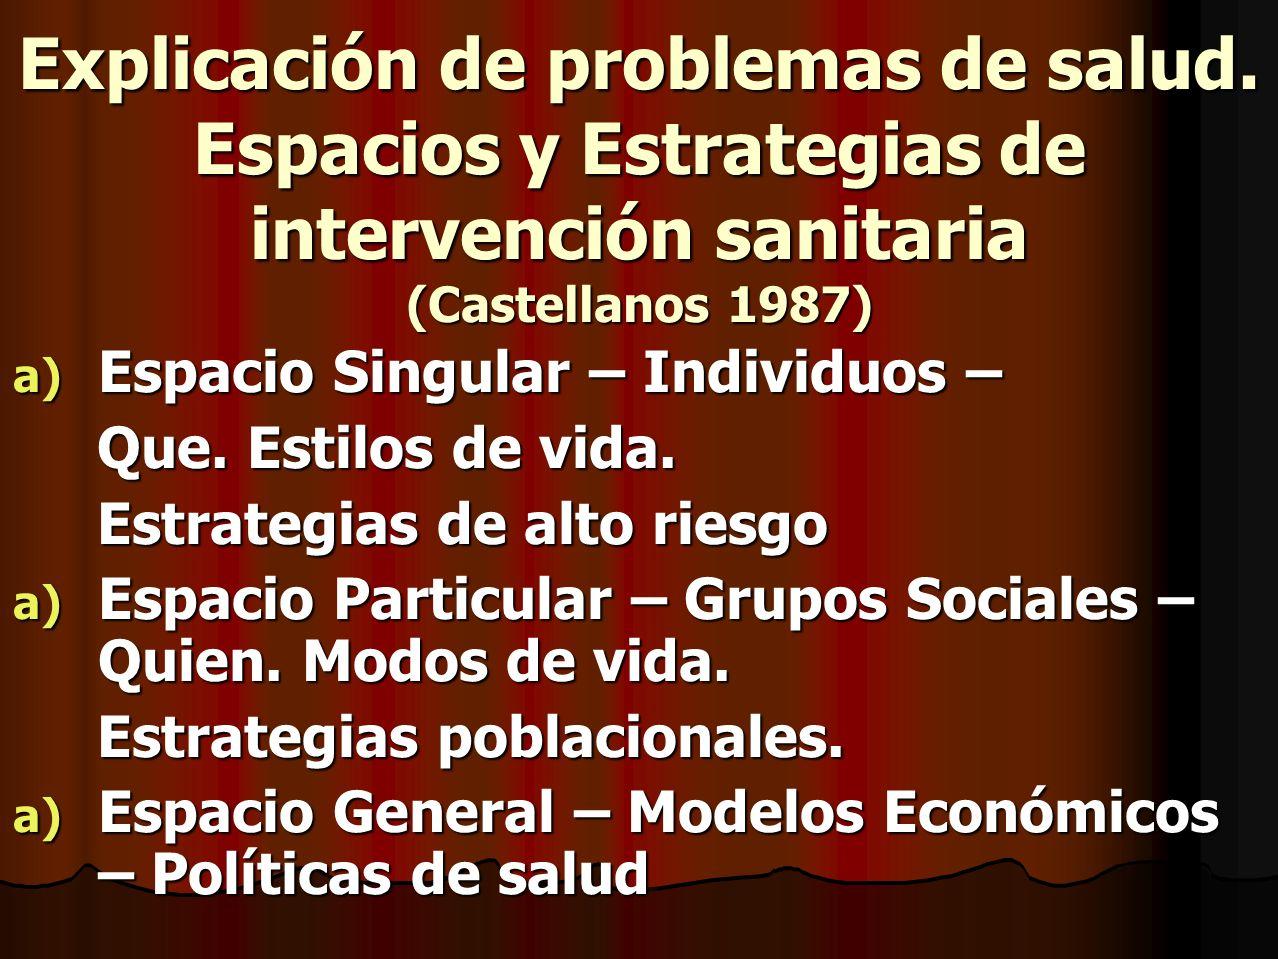 Explicación de problemas de salud. Espacios y Estrategias de intervención sanitaria (Castellanos 1987) a) Espacio Singular – Individuos – Que. Estilos